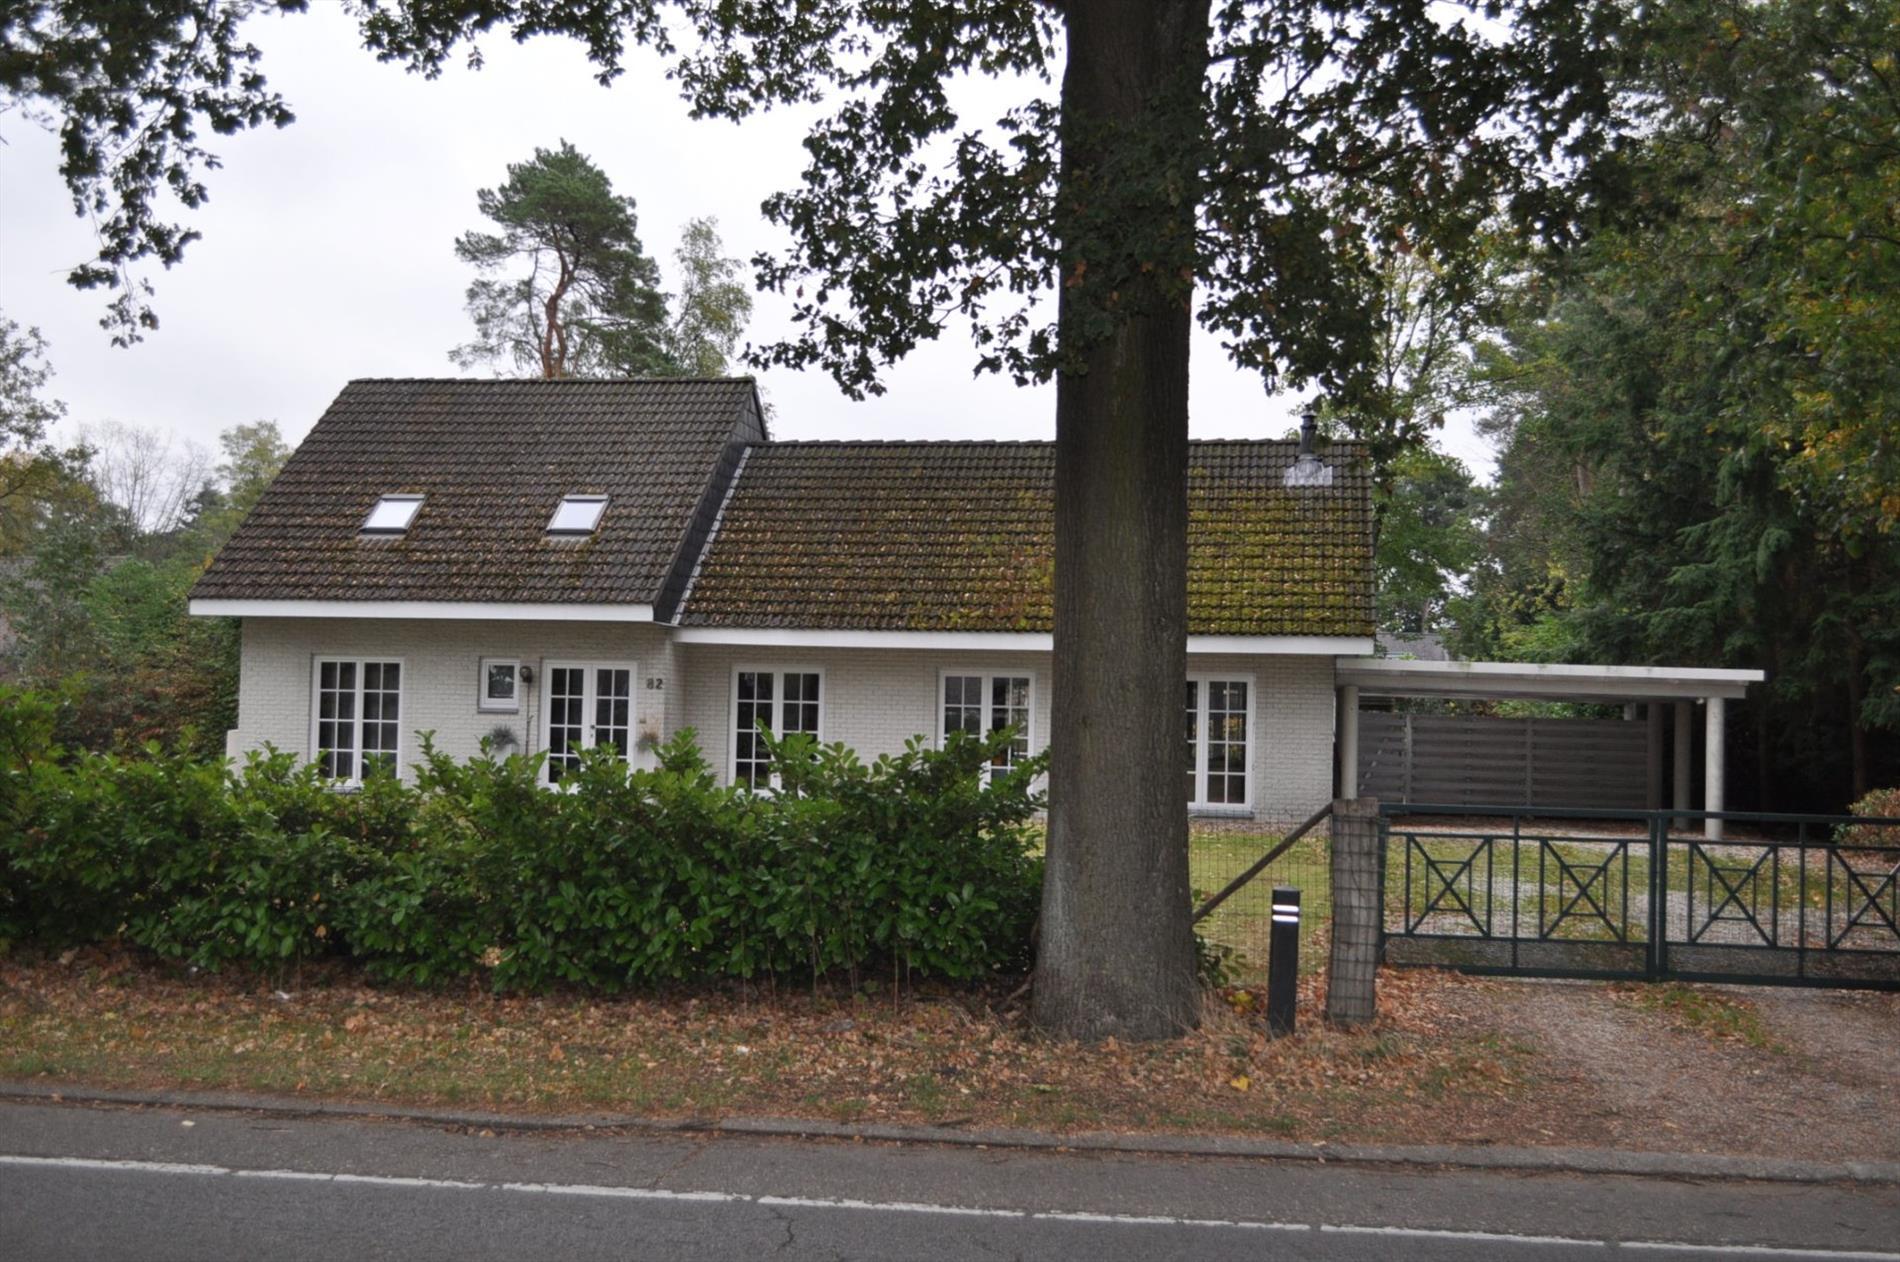 Mooie landelijke woning in een groene omgeving (skeletbouw).